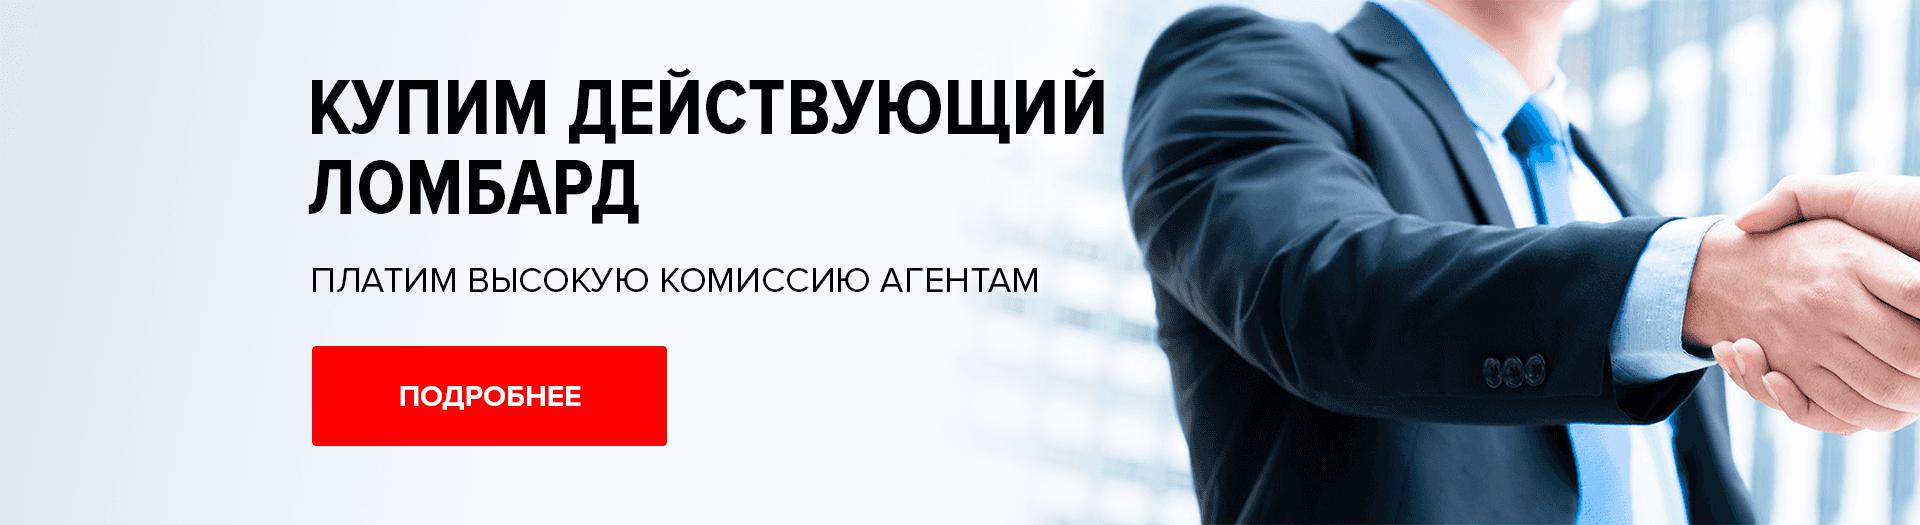 Тарифы ломбардов в москве автомобиль в кредит займ банка